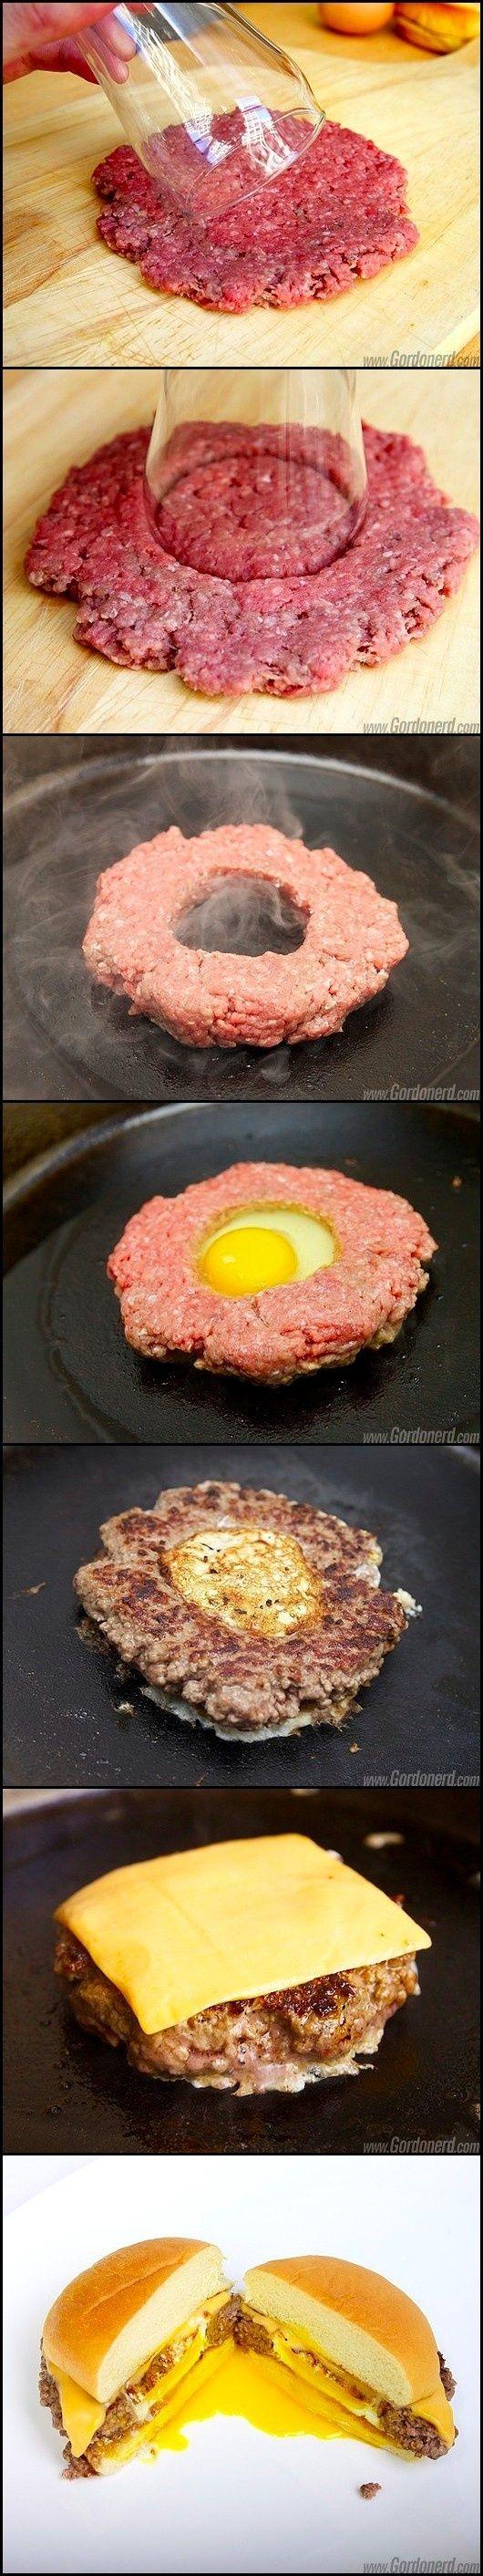 Meal 1: voor bij de gevulde aardappel?  lekkere cheesburger met ei